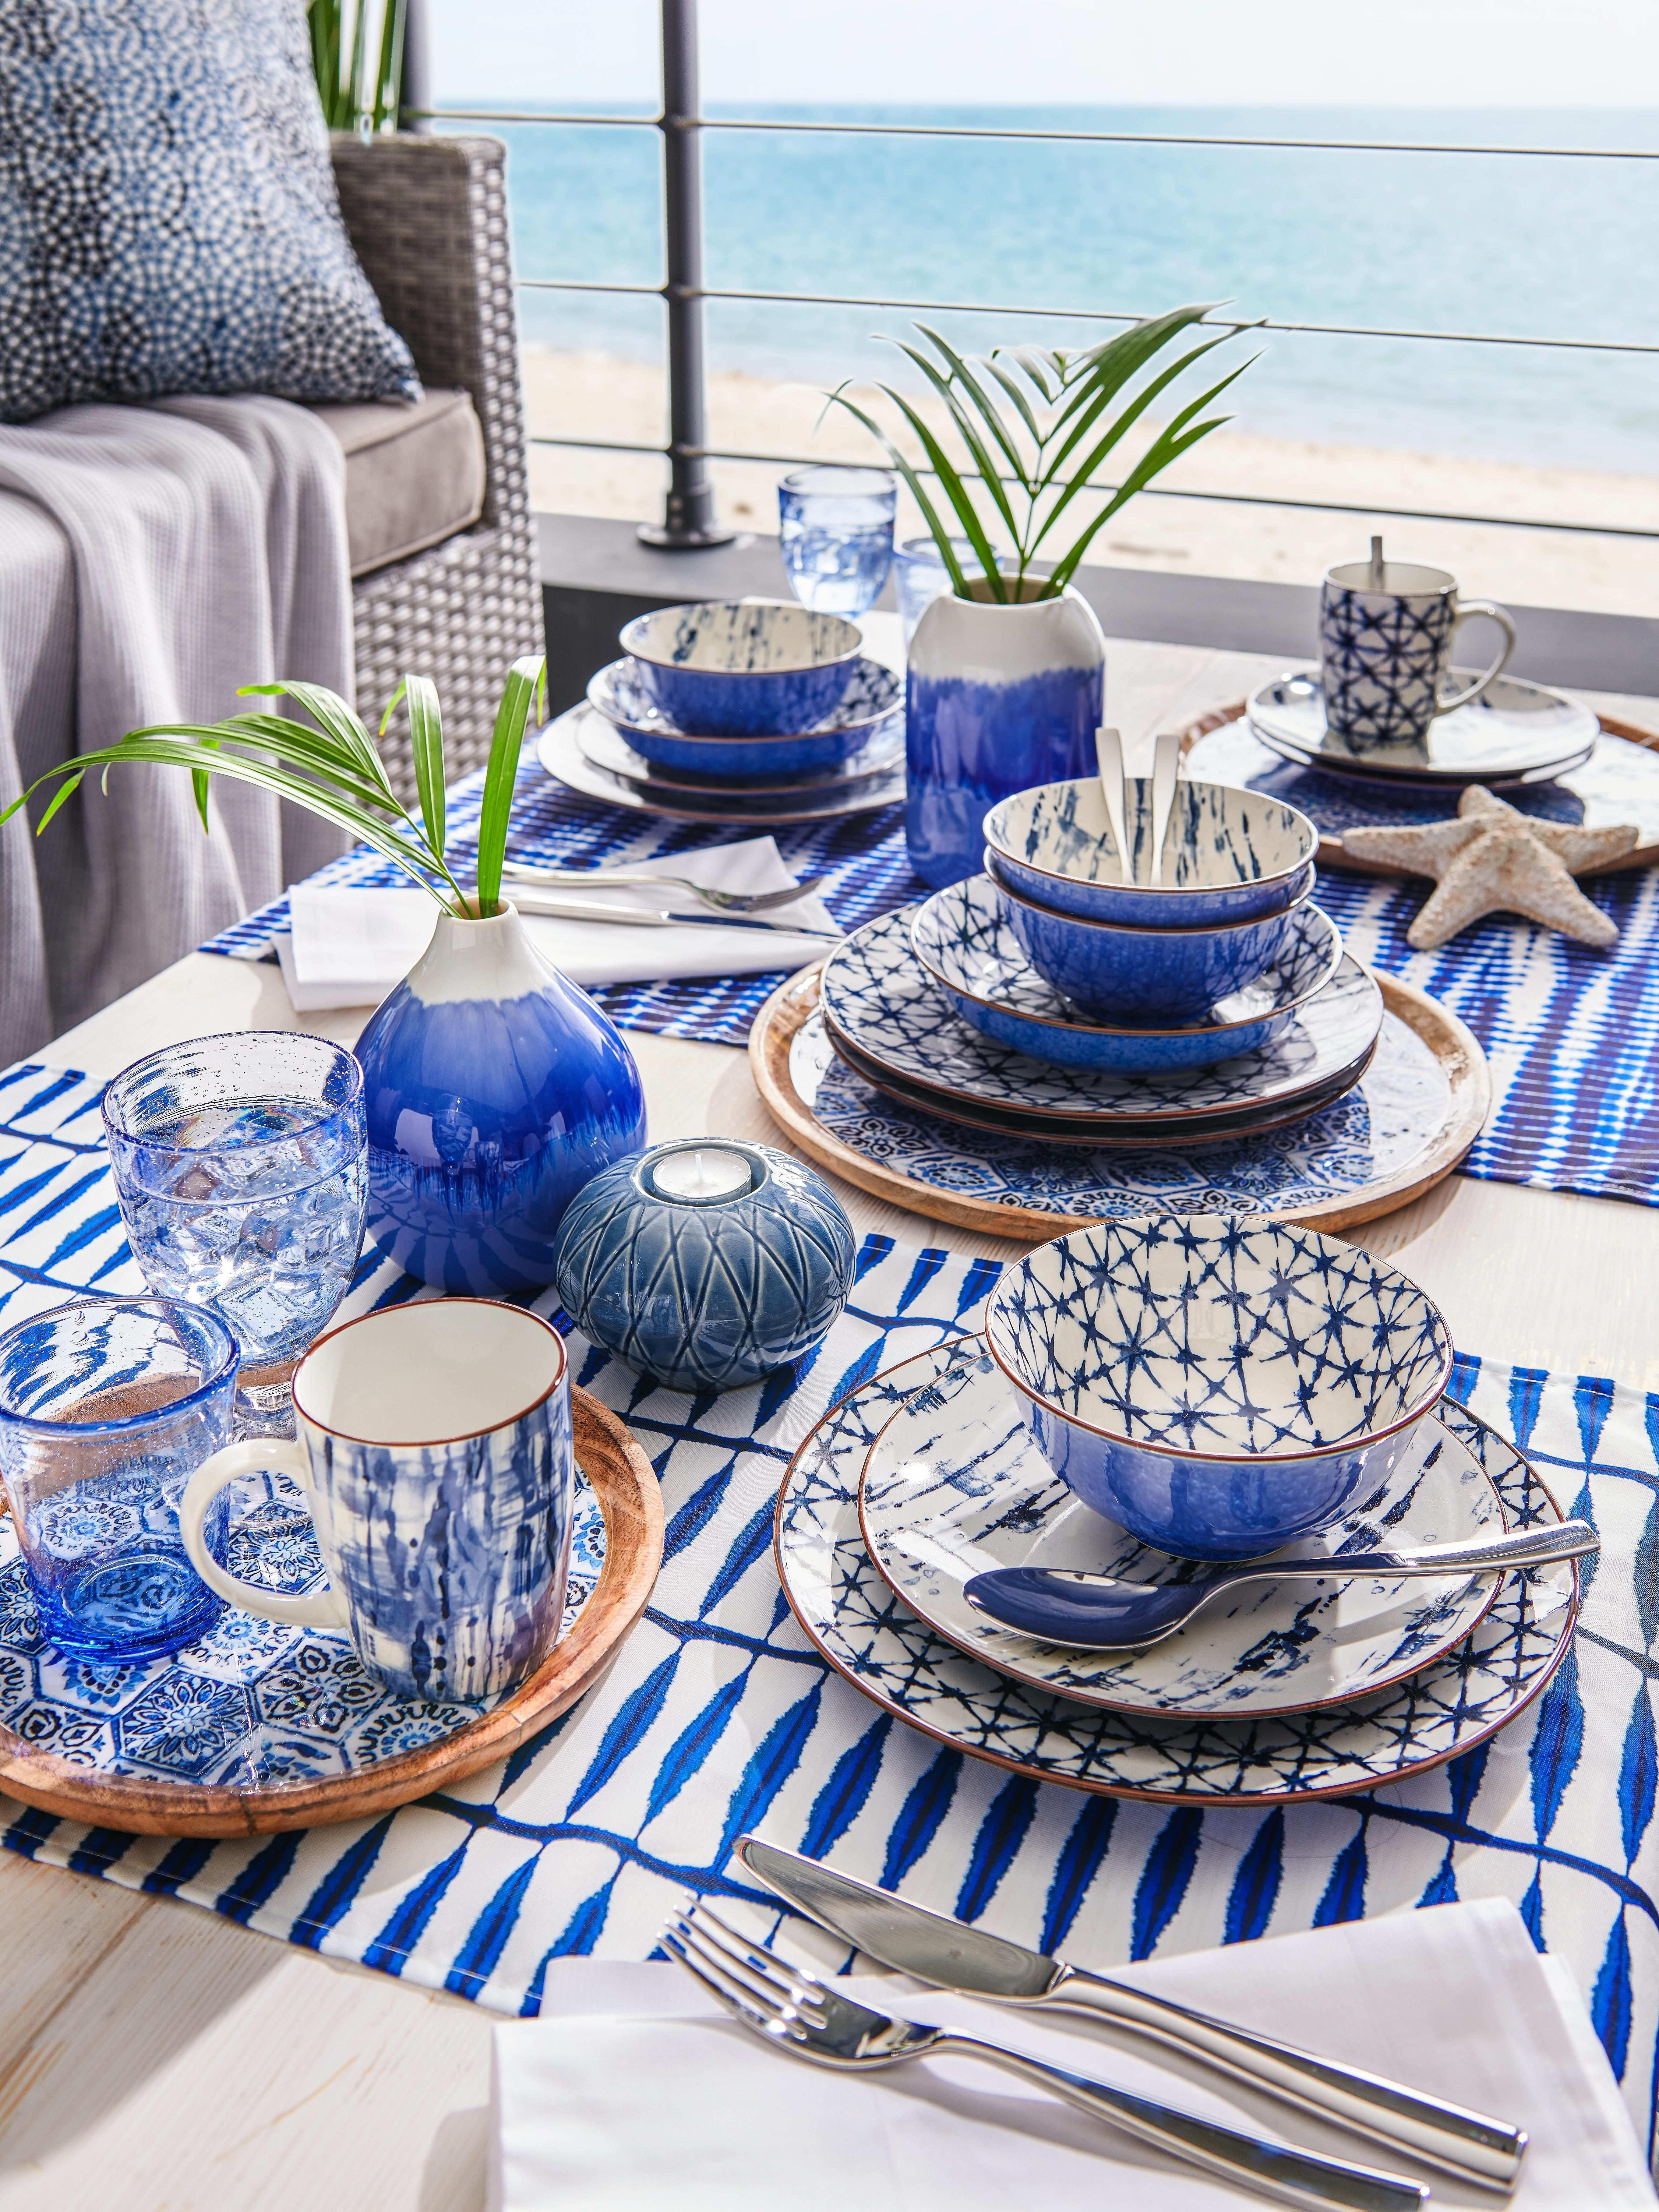 Sommerliches Geschirr Mit Blauem Muster Kombiservice Steinzeug Blaues Geschirr